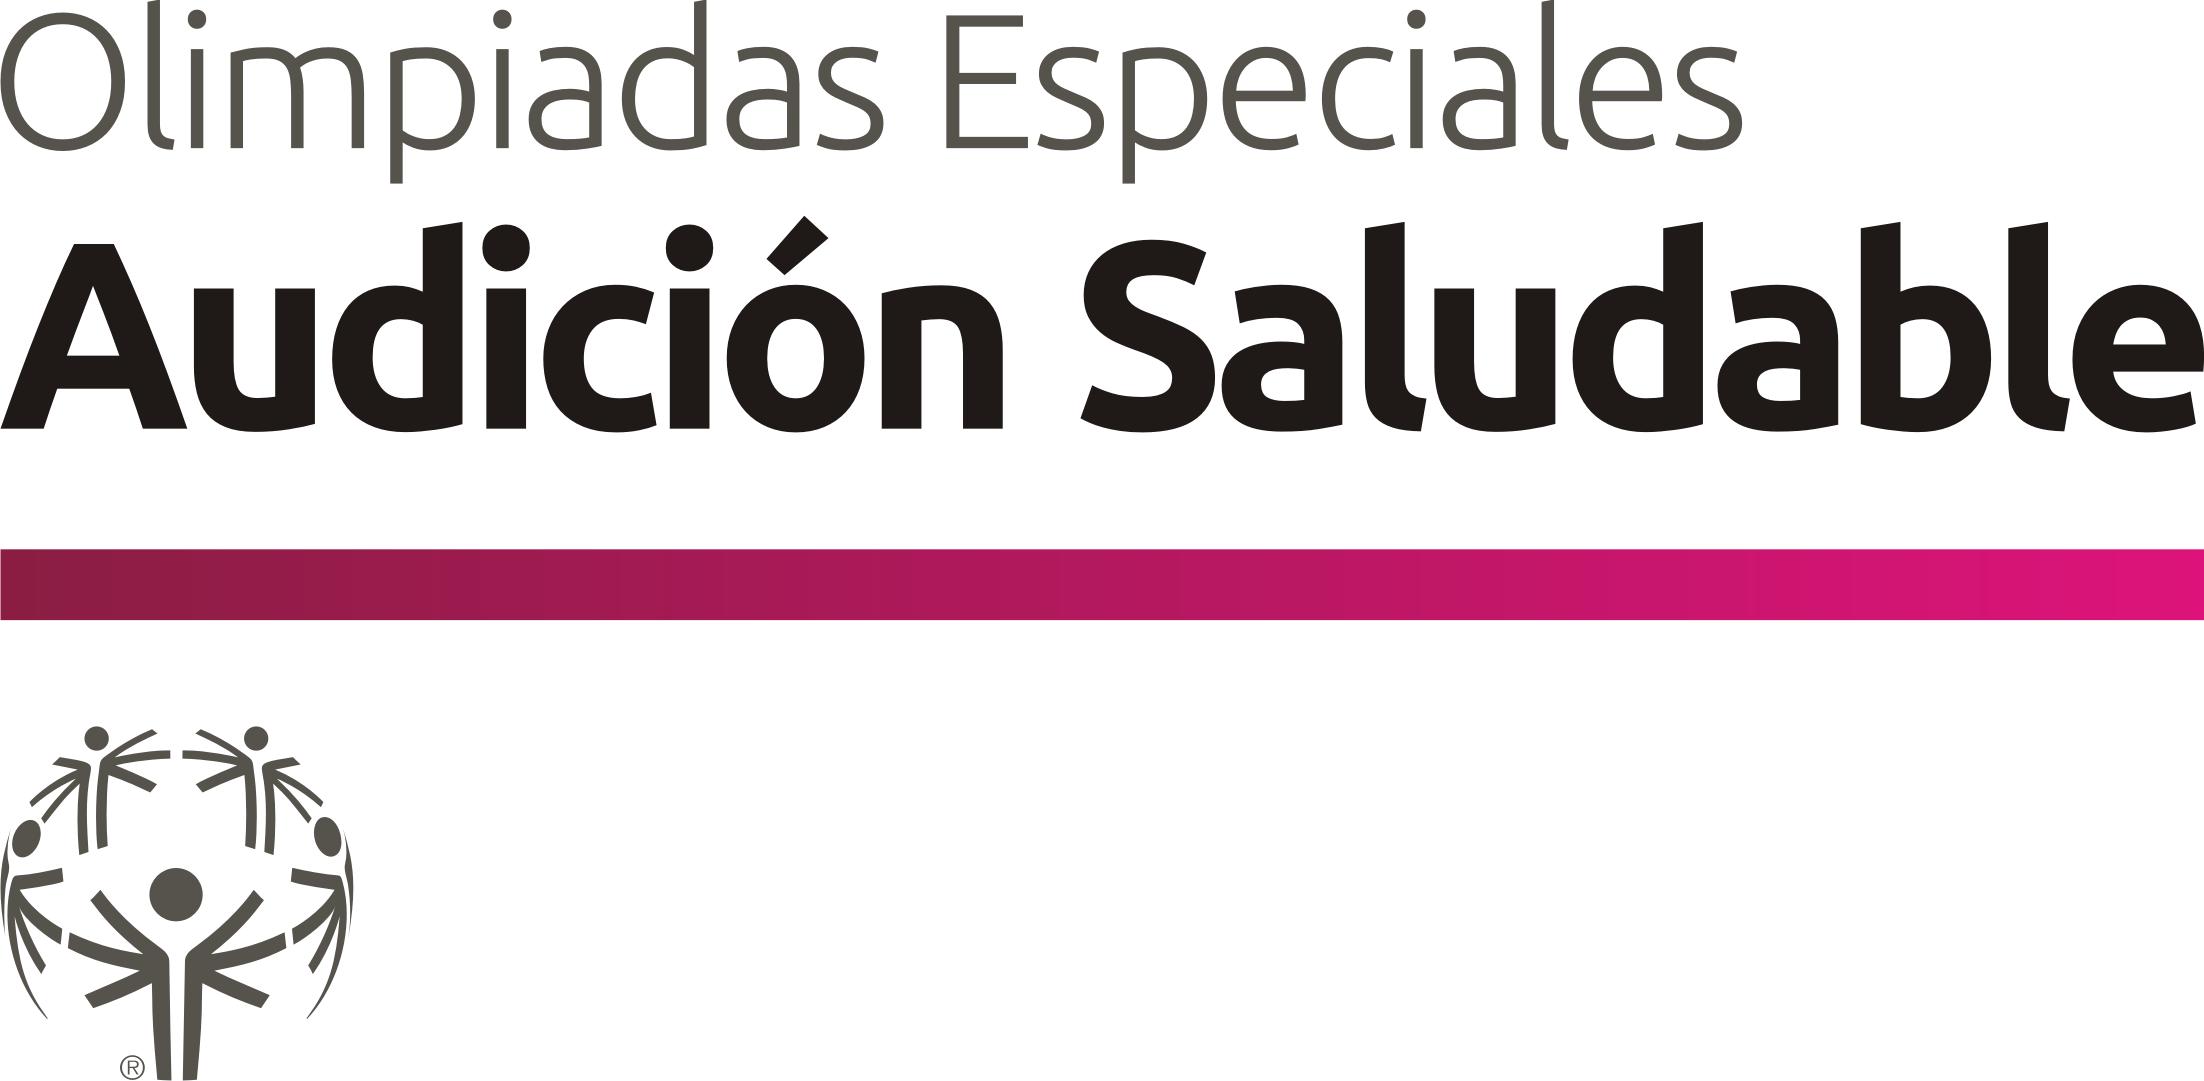 Audicion Saludable - CMYK.png